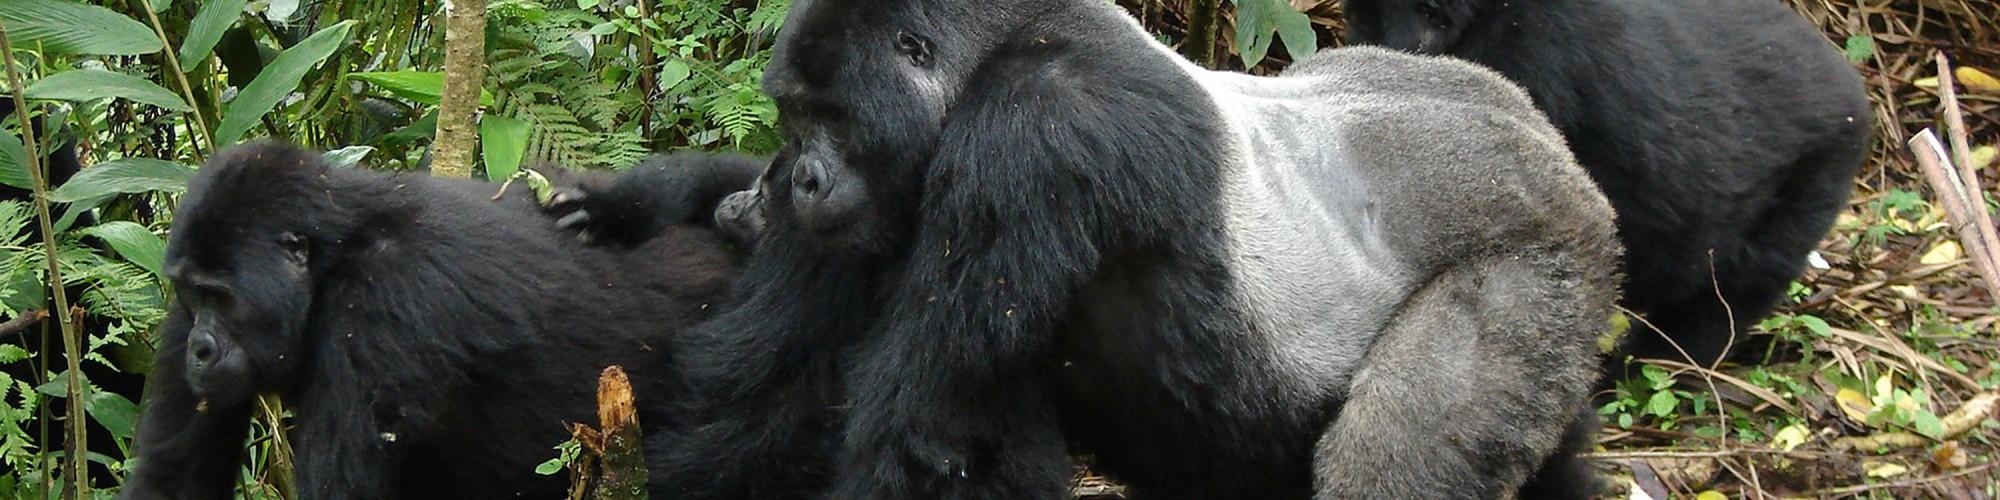 Bwindi Impenetrable Forest, Uganda(3)